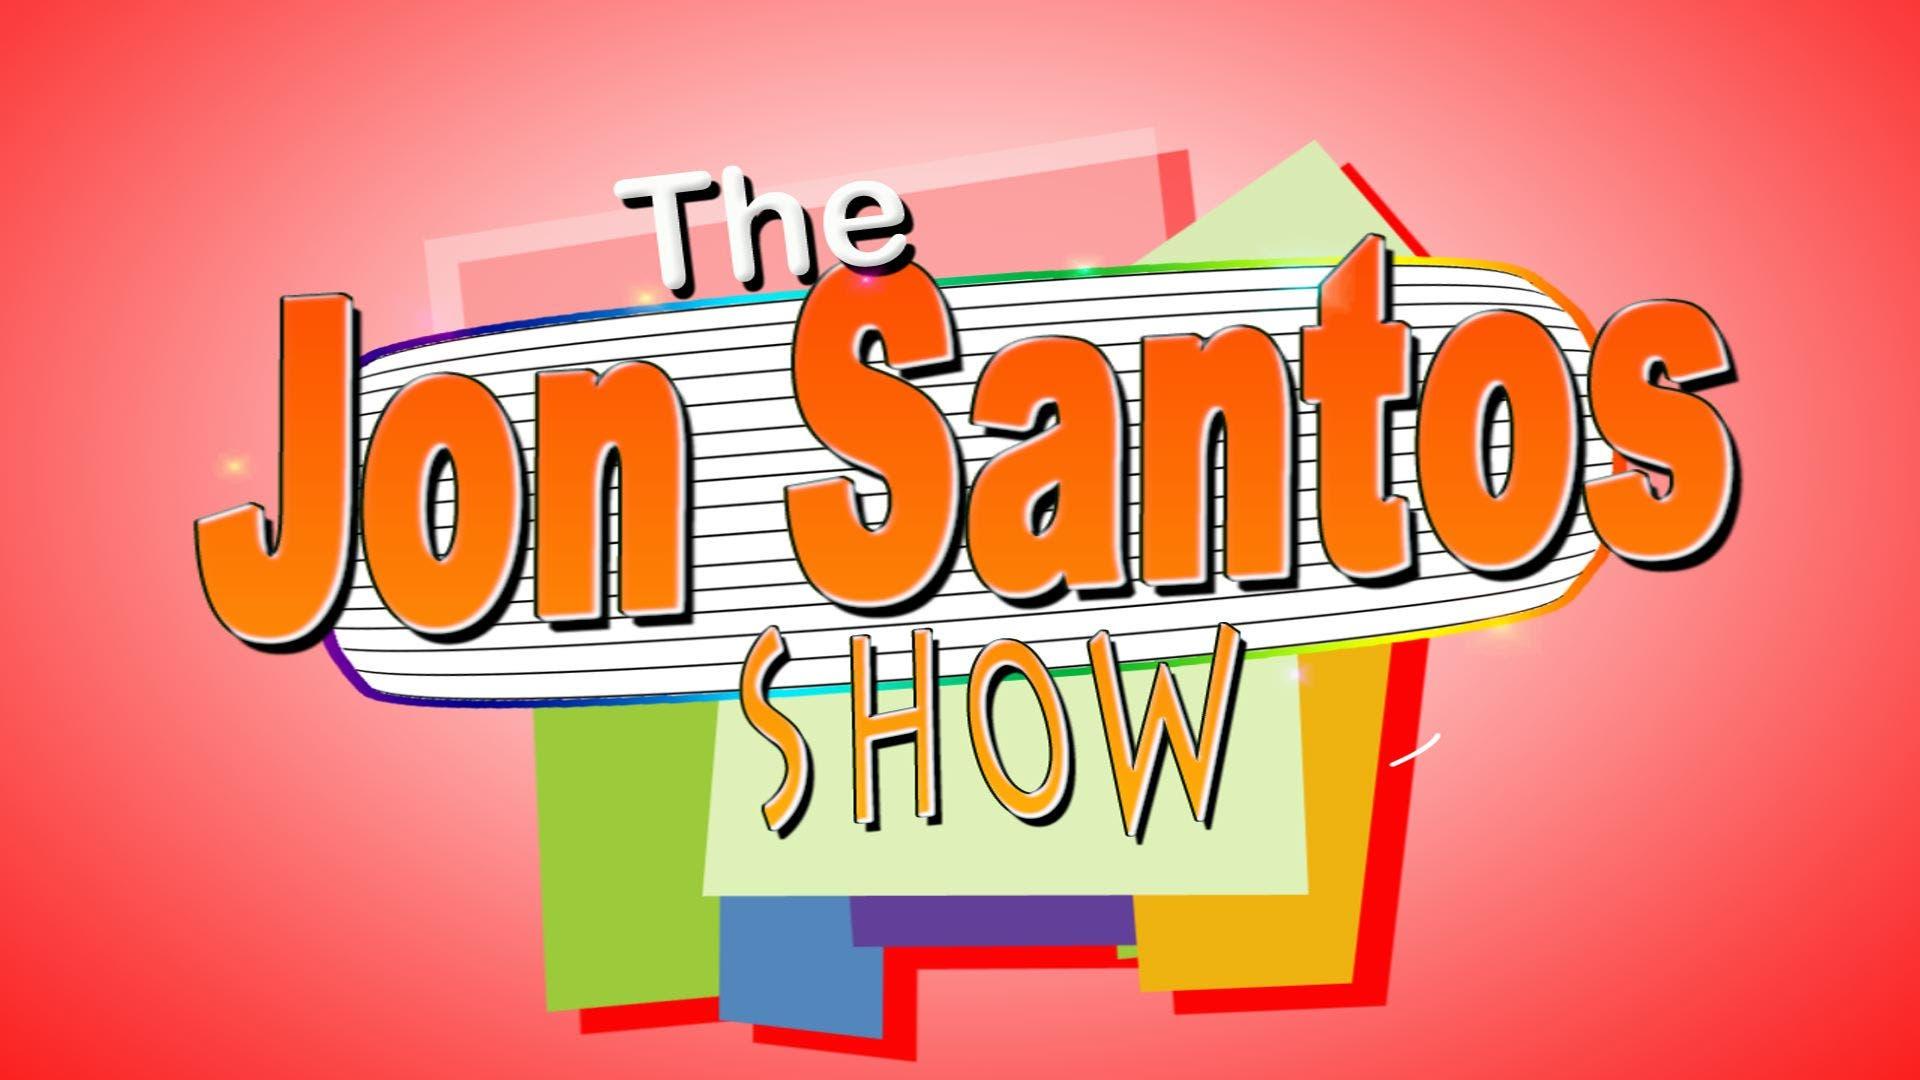 Jon Santos Show v2